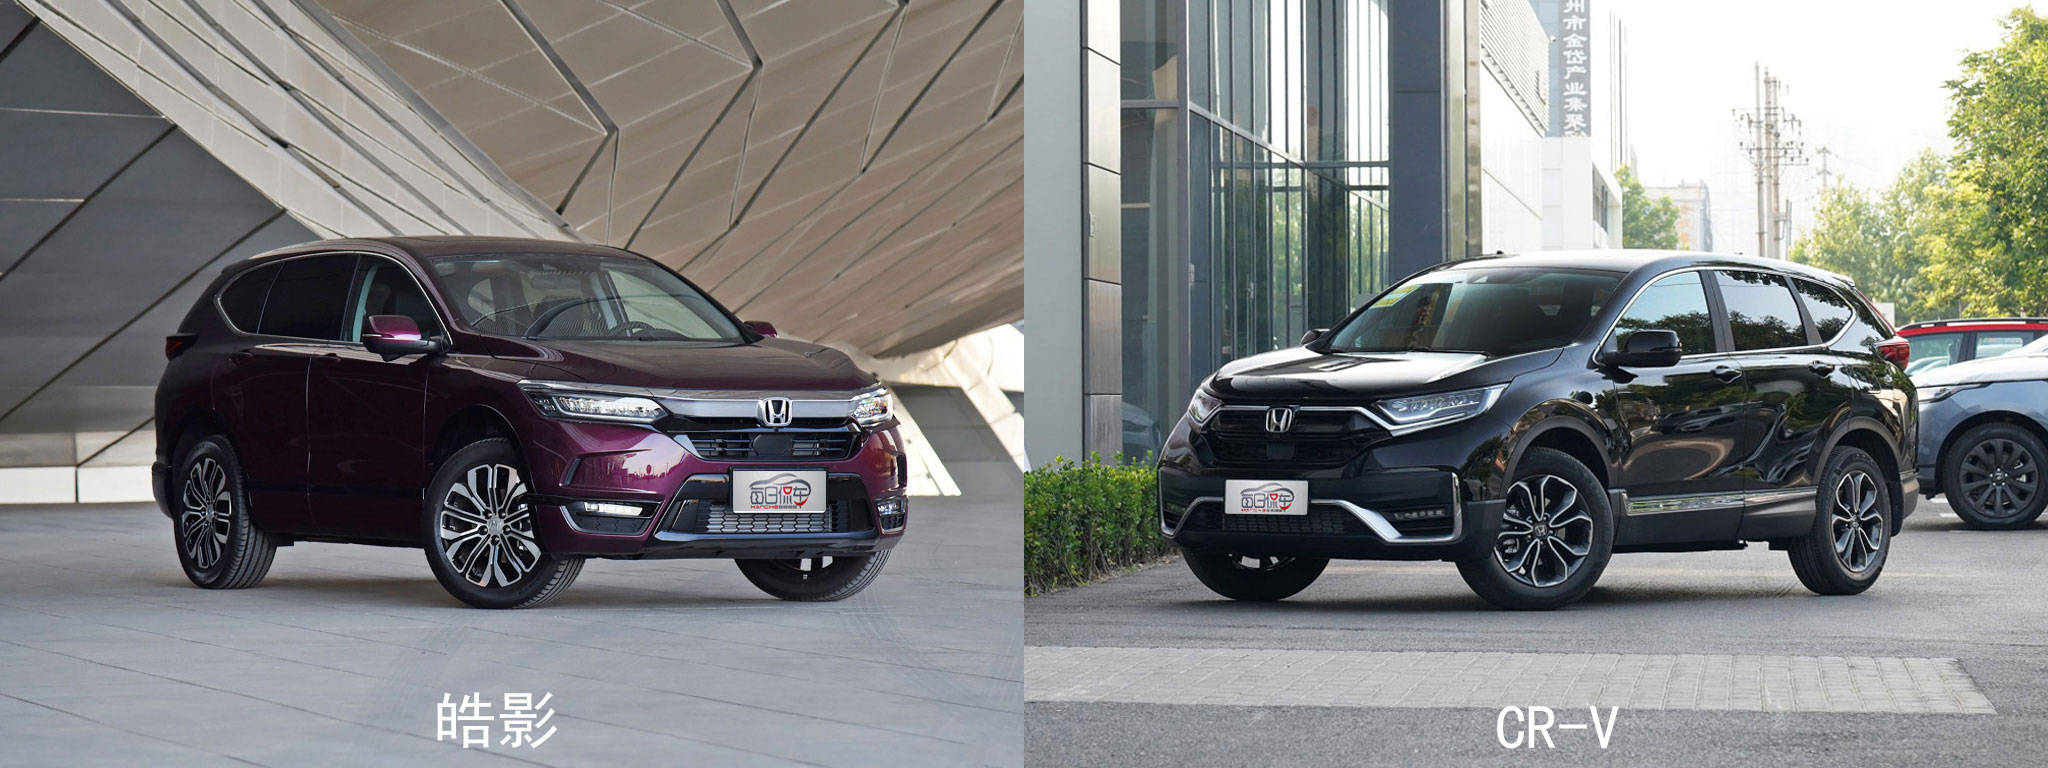 寻找同一个品牌,同一个平台,同一个车型,不同的CR-V和郝颖的区别